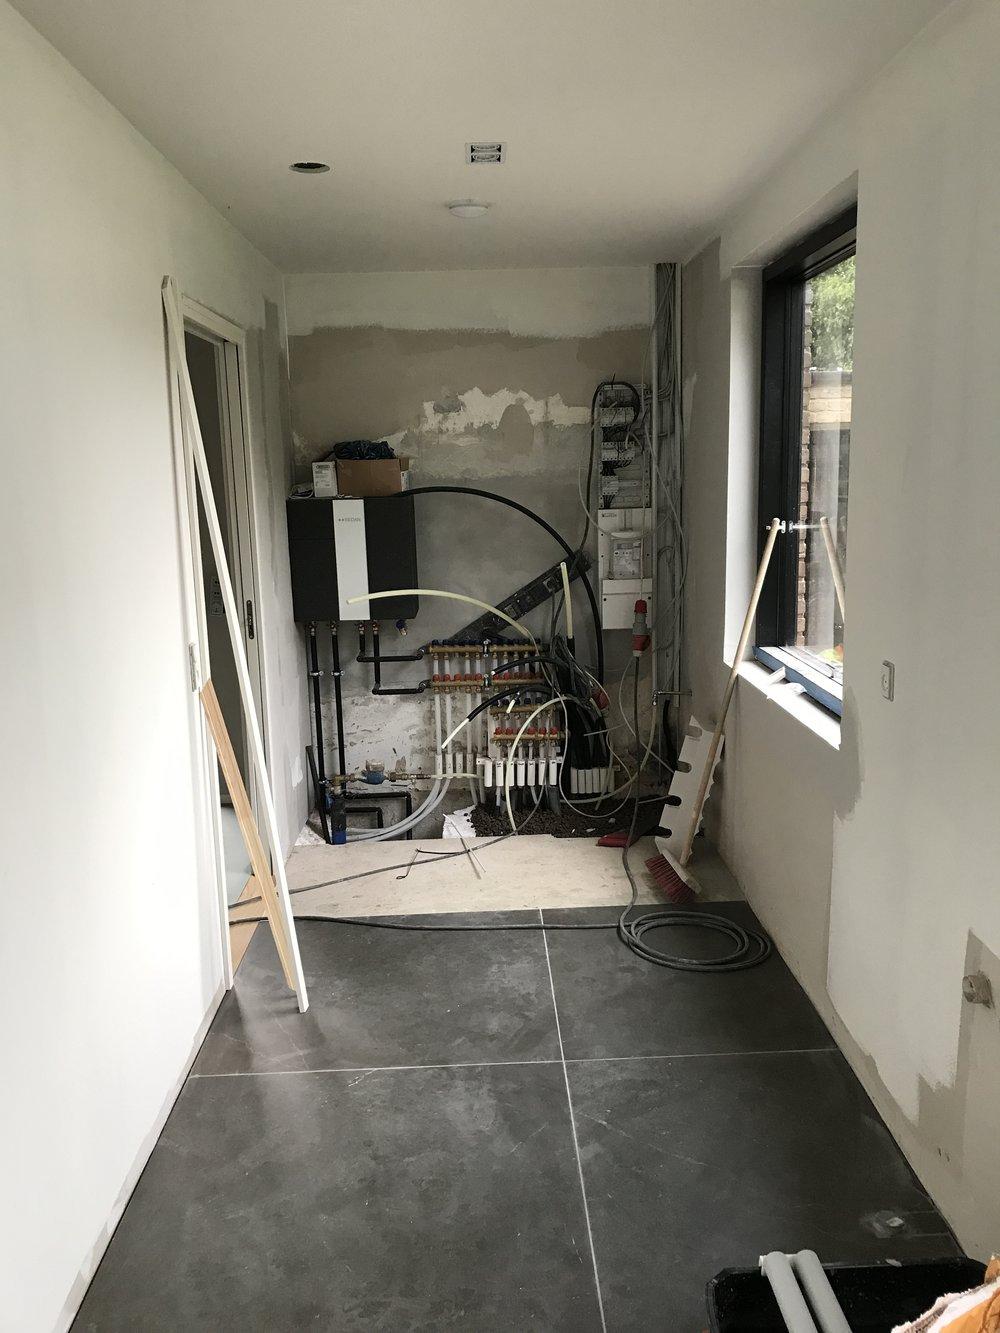 Al husets teknik i form af el, internet, VVS, vaskesøjle og Genvex anlæg blev installeret i bryggerset og skjult bag skydelåger i begge ender af rummet.